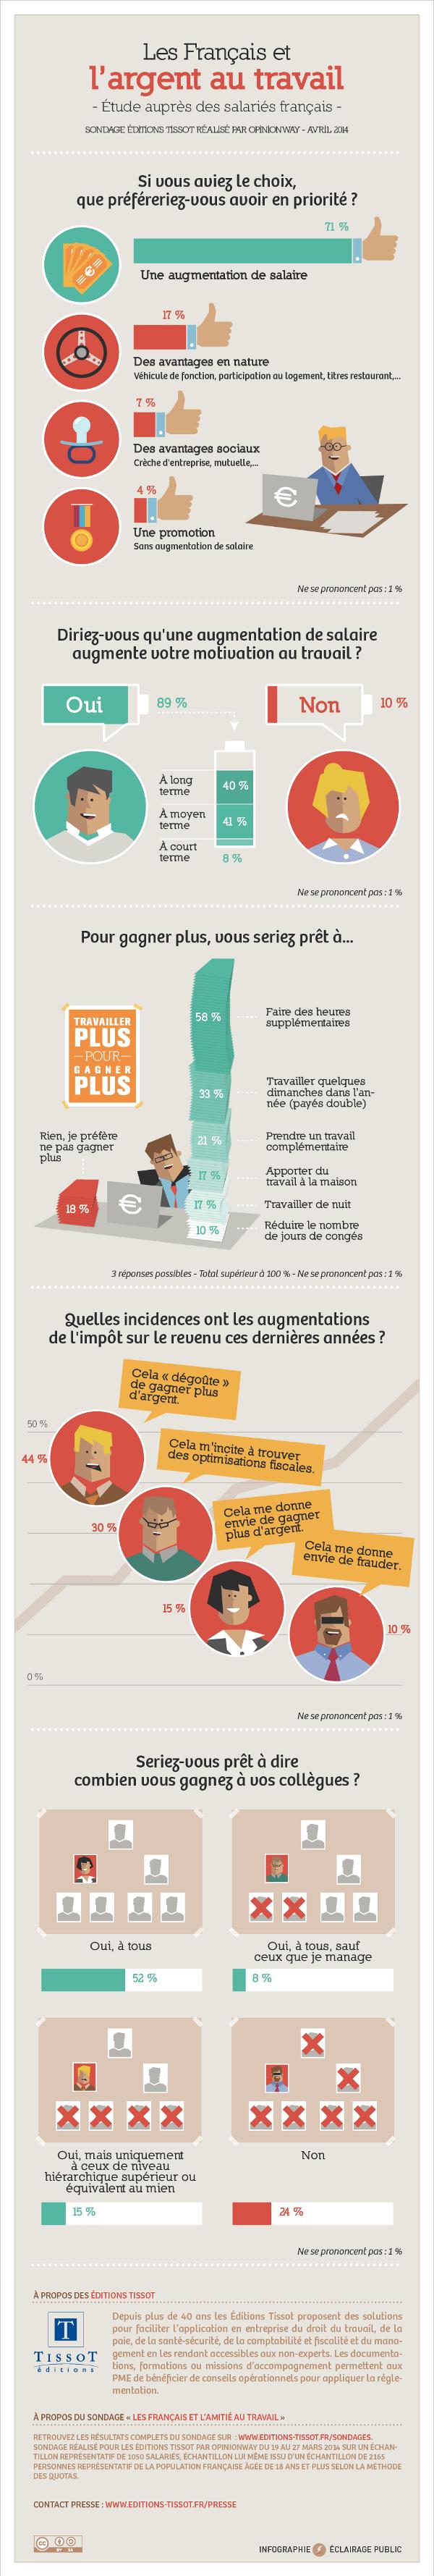 Infographie-les-francais-travail-et-argent